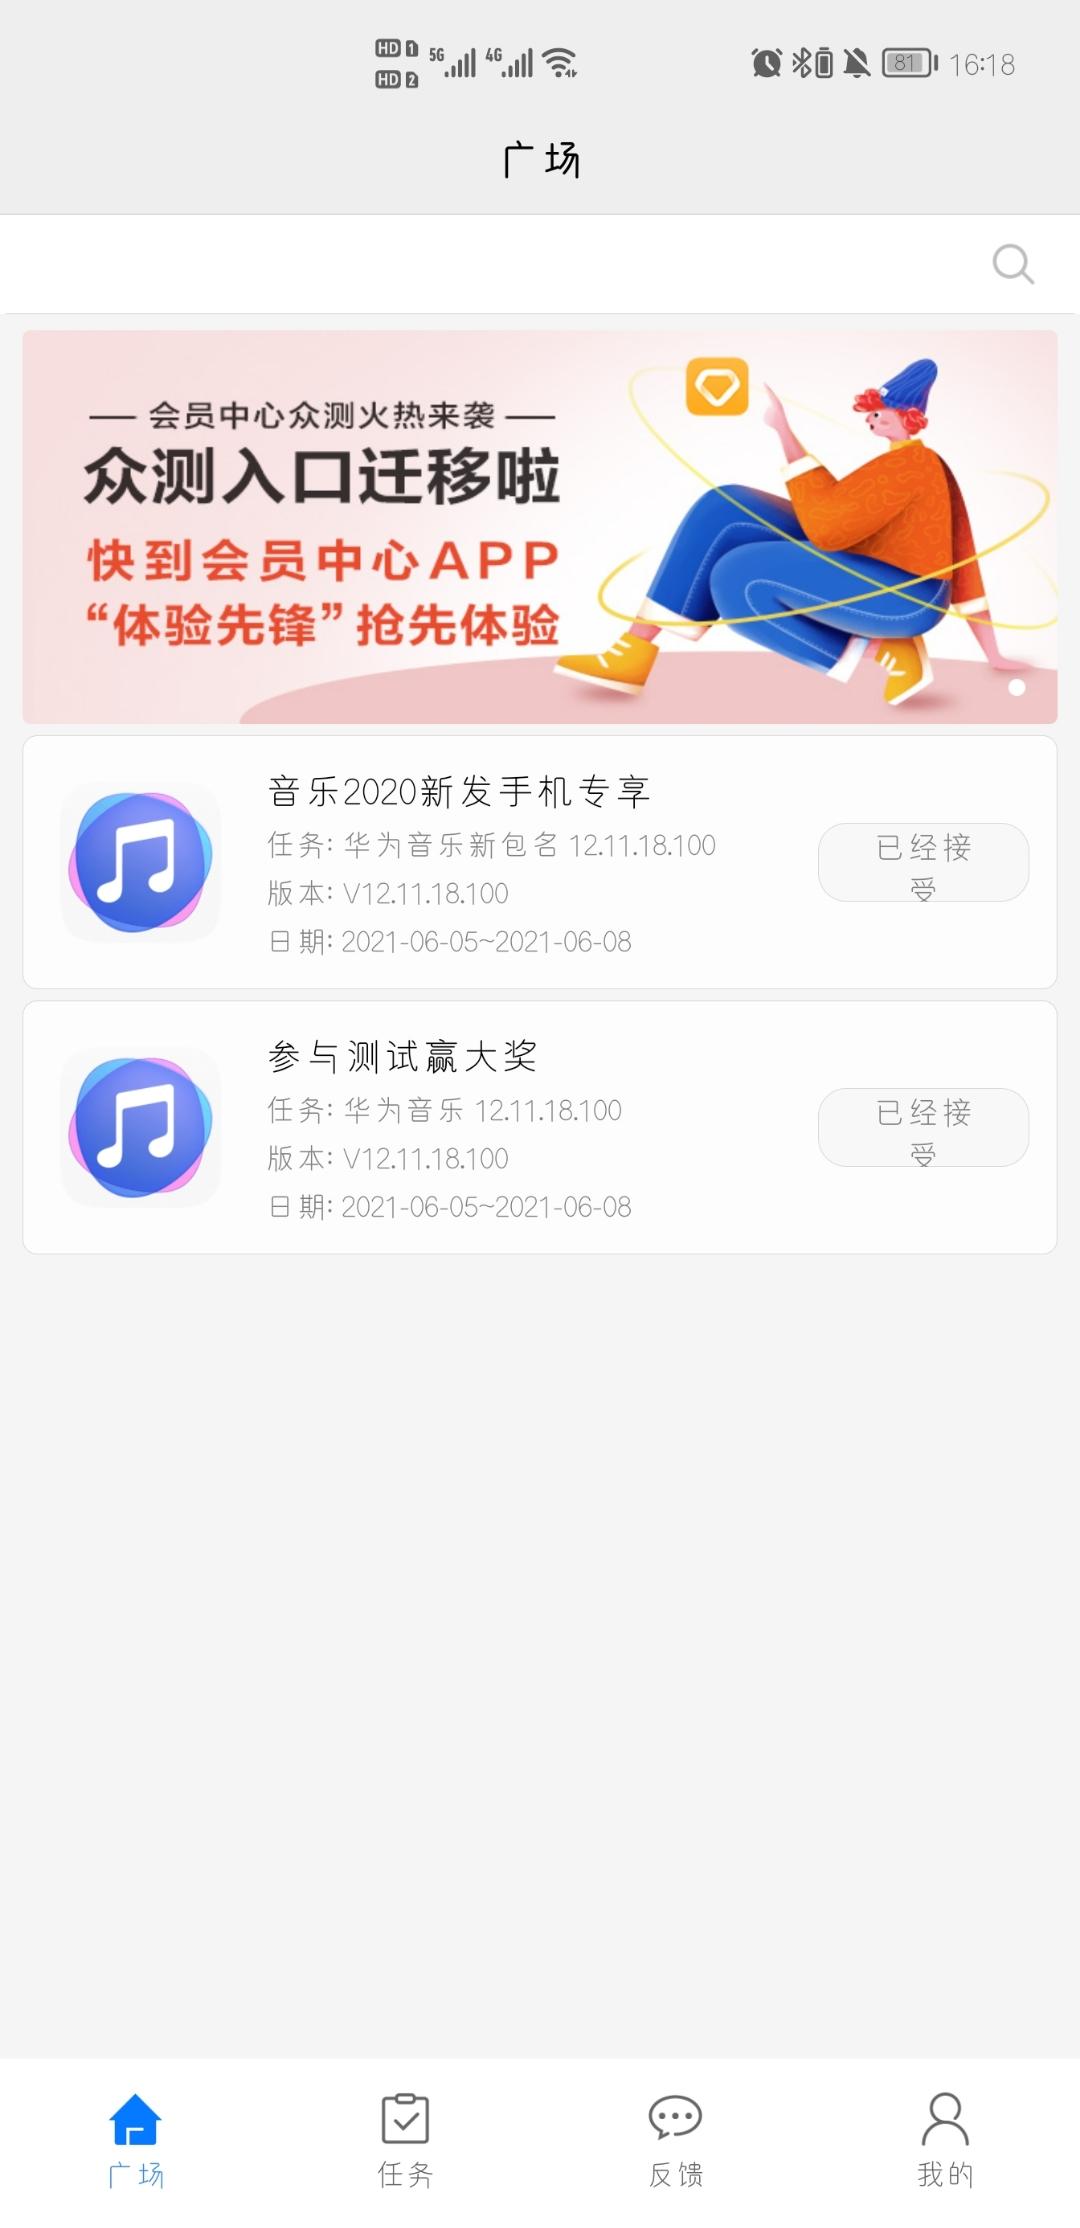 Screenshot_20210608_161805_com.huawei.deveco.crowdtest.jpg